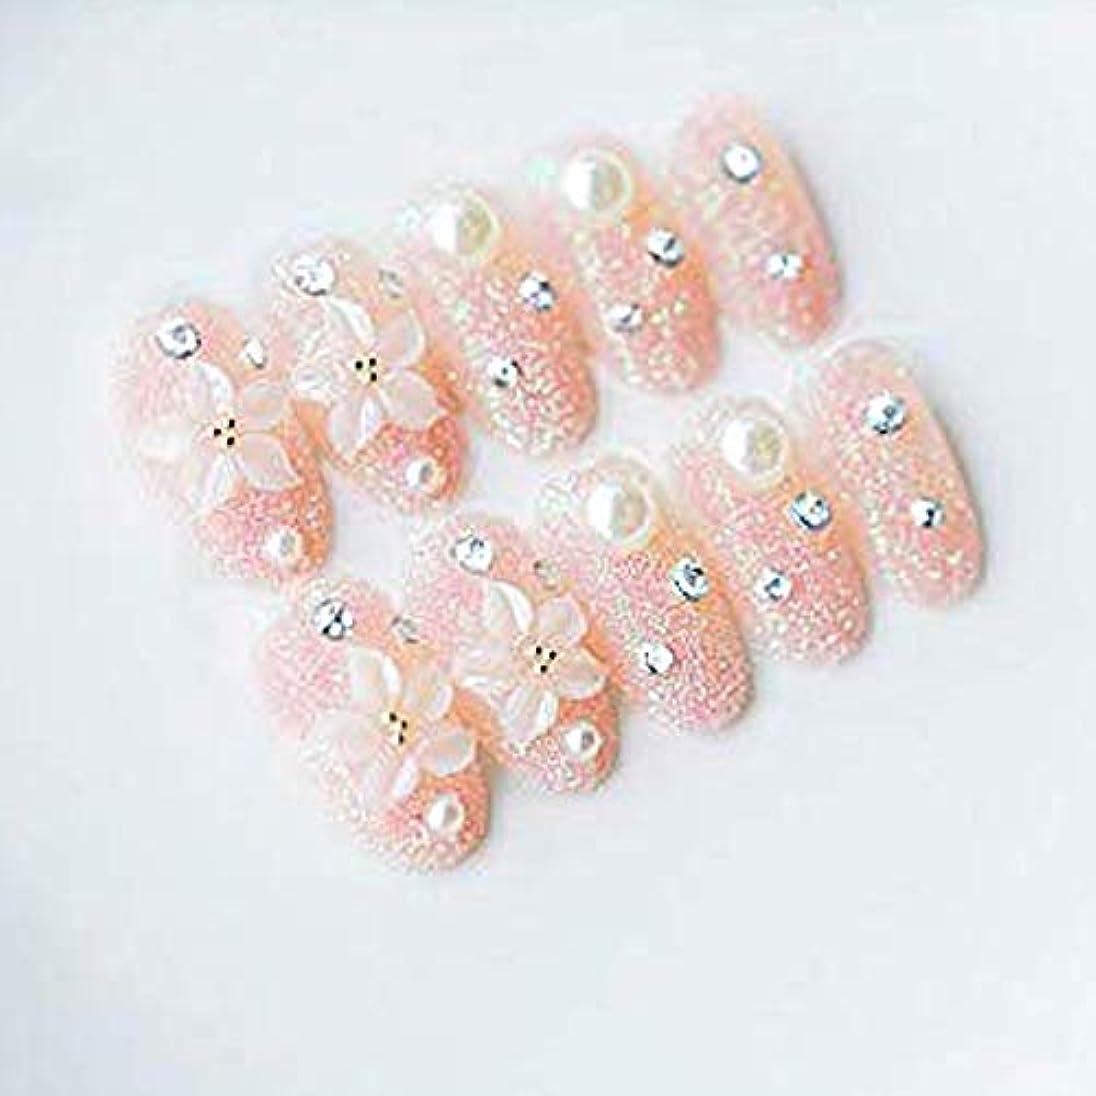 繰り返すボトルネックに付ける24枚 手作りネイルチップ 花を彫る キラキラ 和装ネイル 手作りネイルチップ 可愛い優雅ネイル